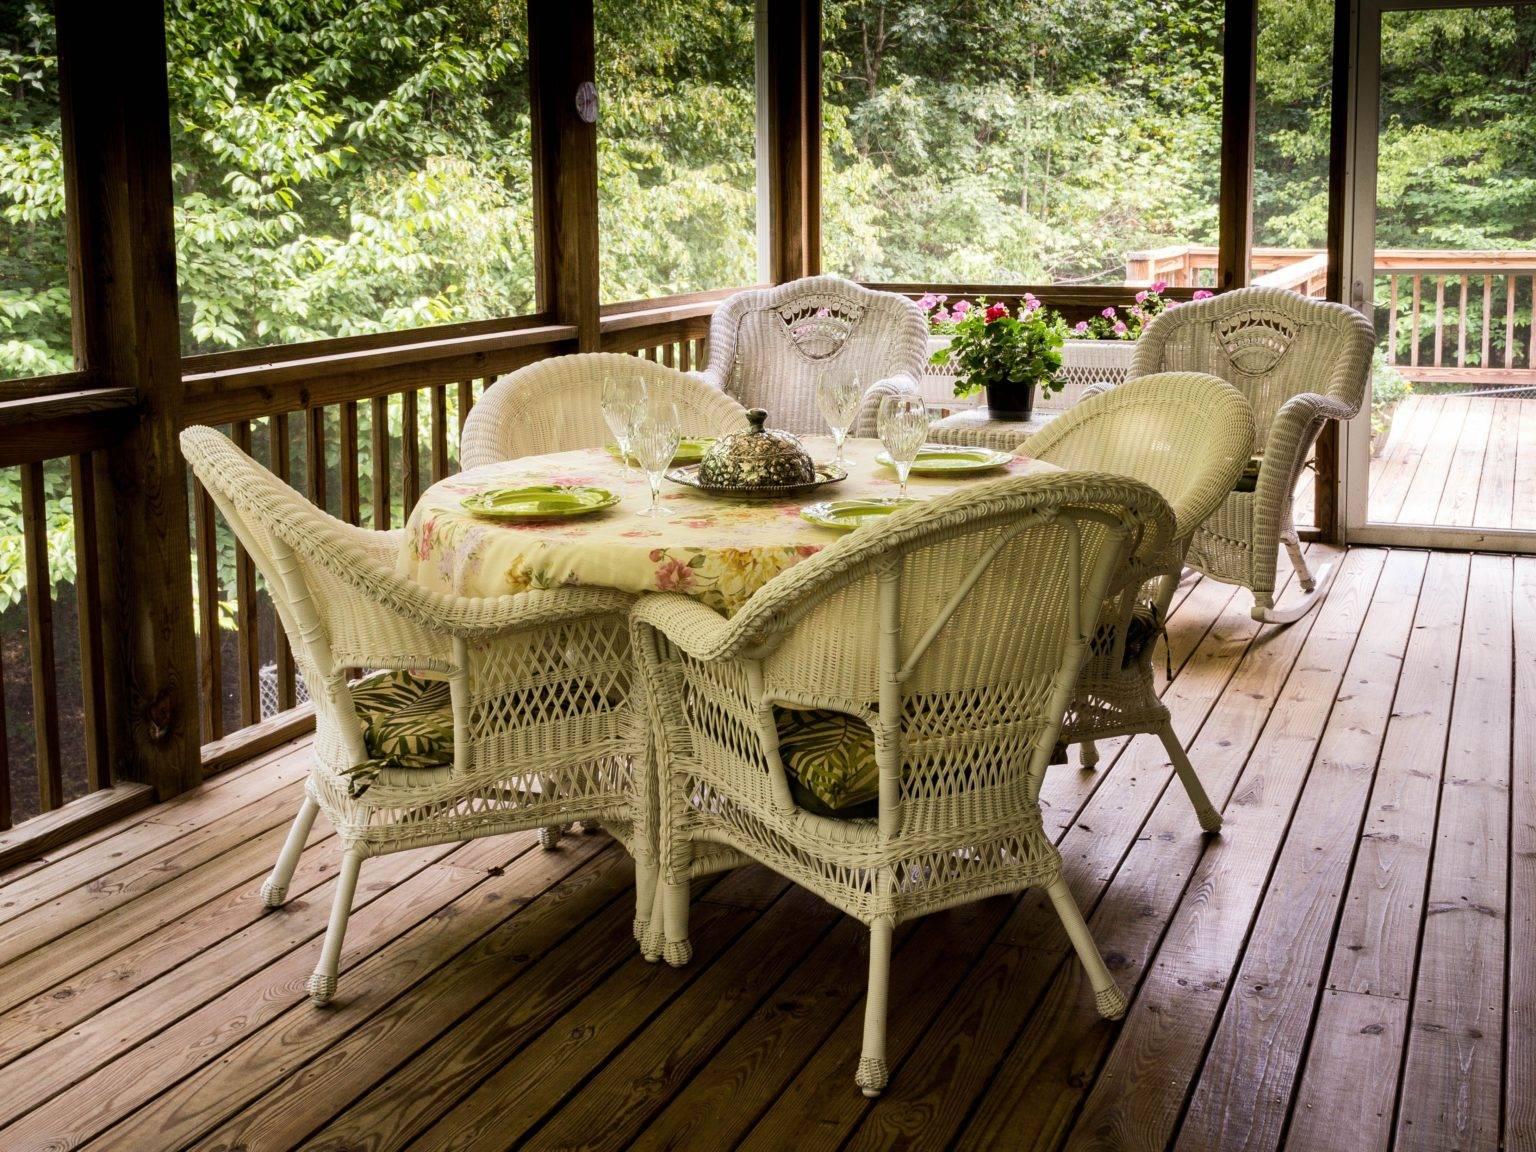 Những ý tưởng trang trí hiên nhà đẹp mơ màng lãng mạn cho những ngày hè - Ảnh 5.